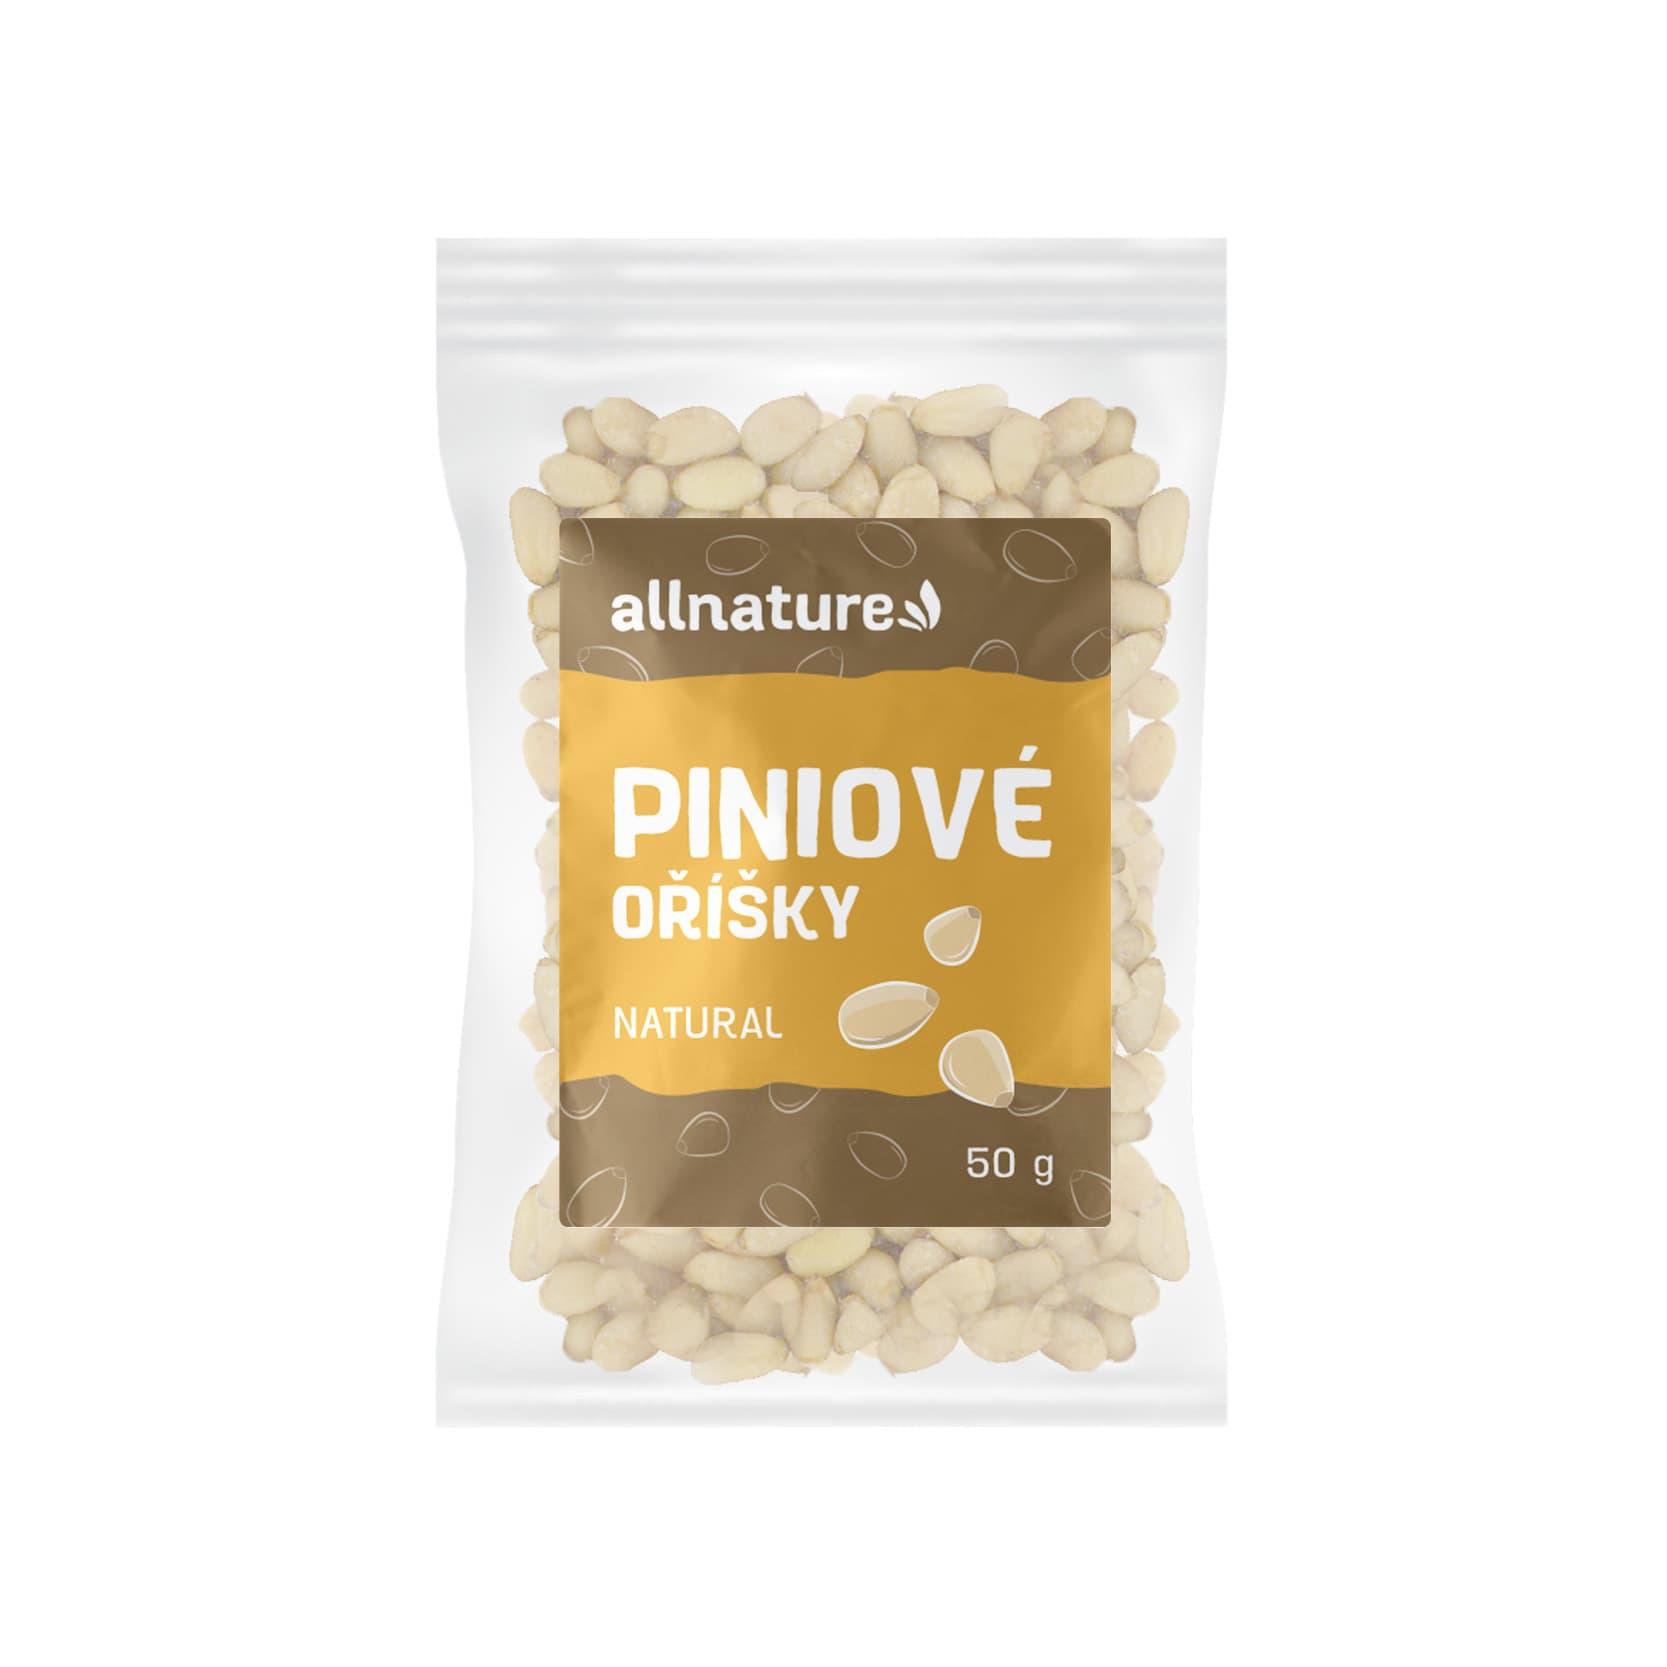 Allnature Piniové oříšky 50g